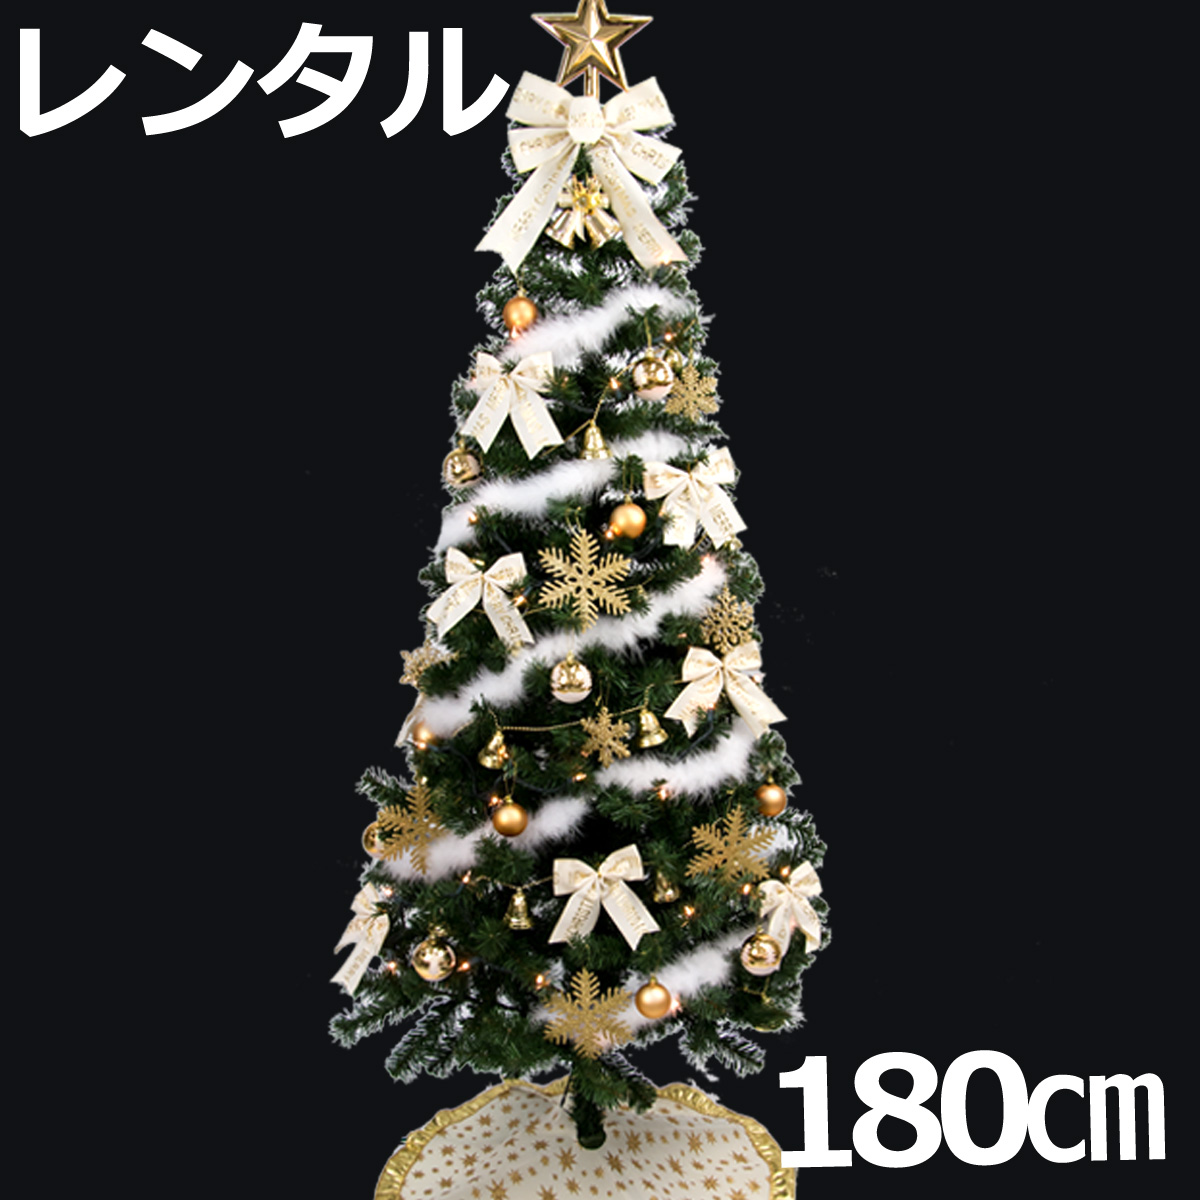 【レンタル】 クリスマスツリー セット 180cm アイボリー&ゴールド 【往復 送料無料】 クリスマスツリー レンタル fy16REN07